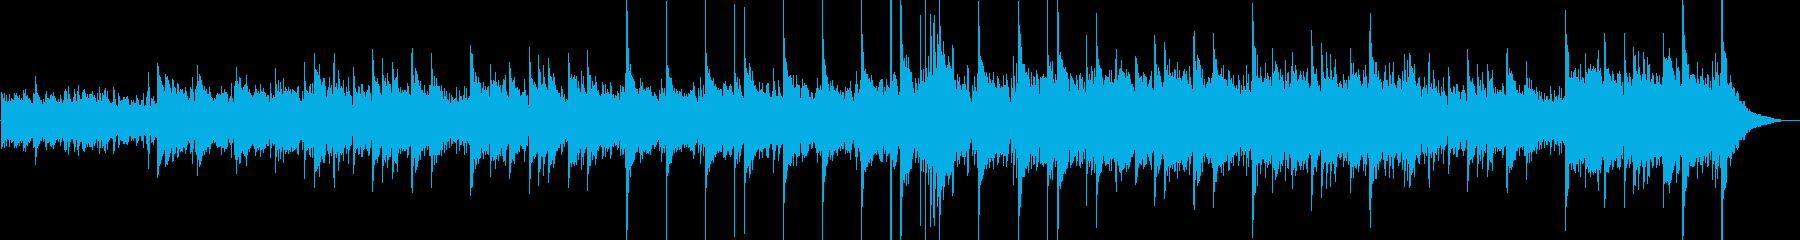 グロッケンシュピールの鐘、アコース...の再生済みの波形